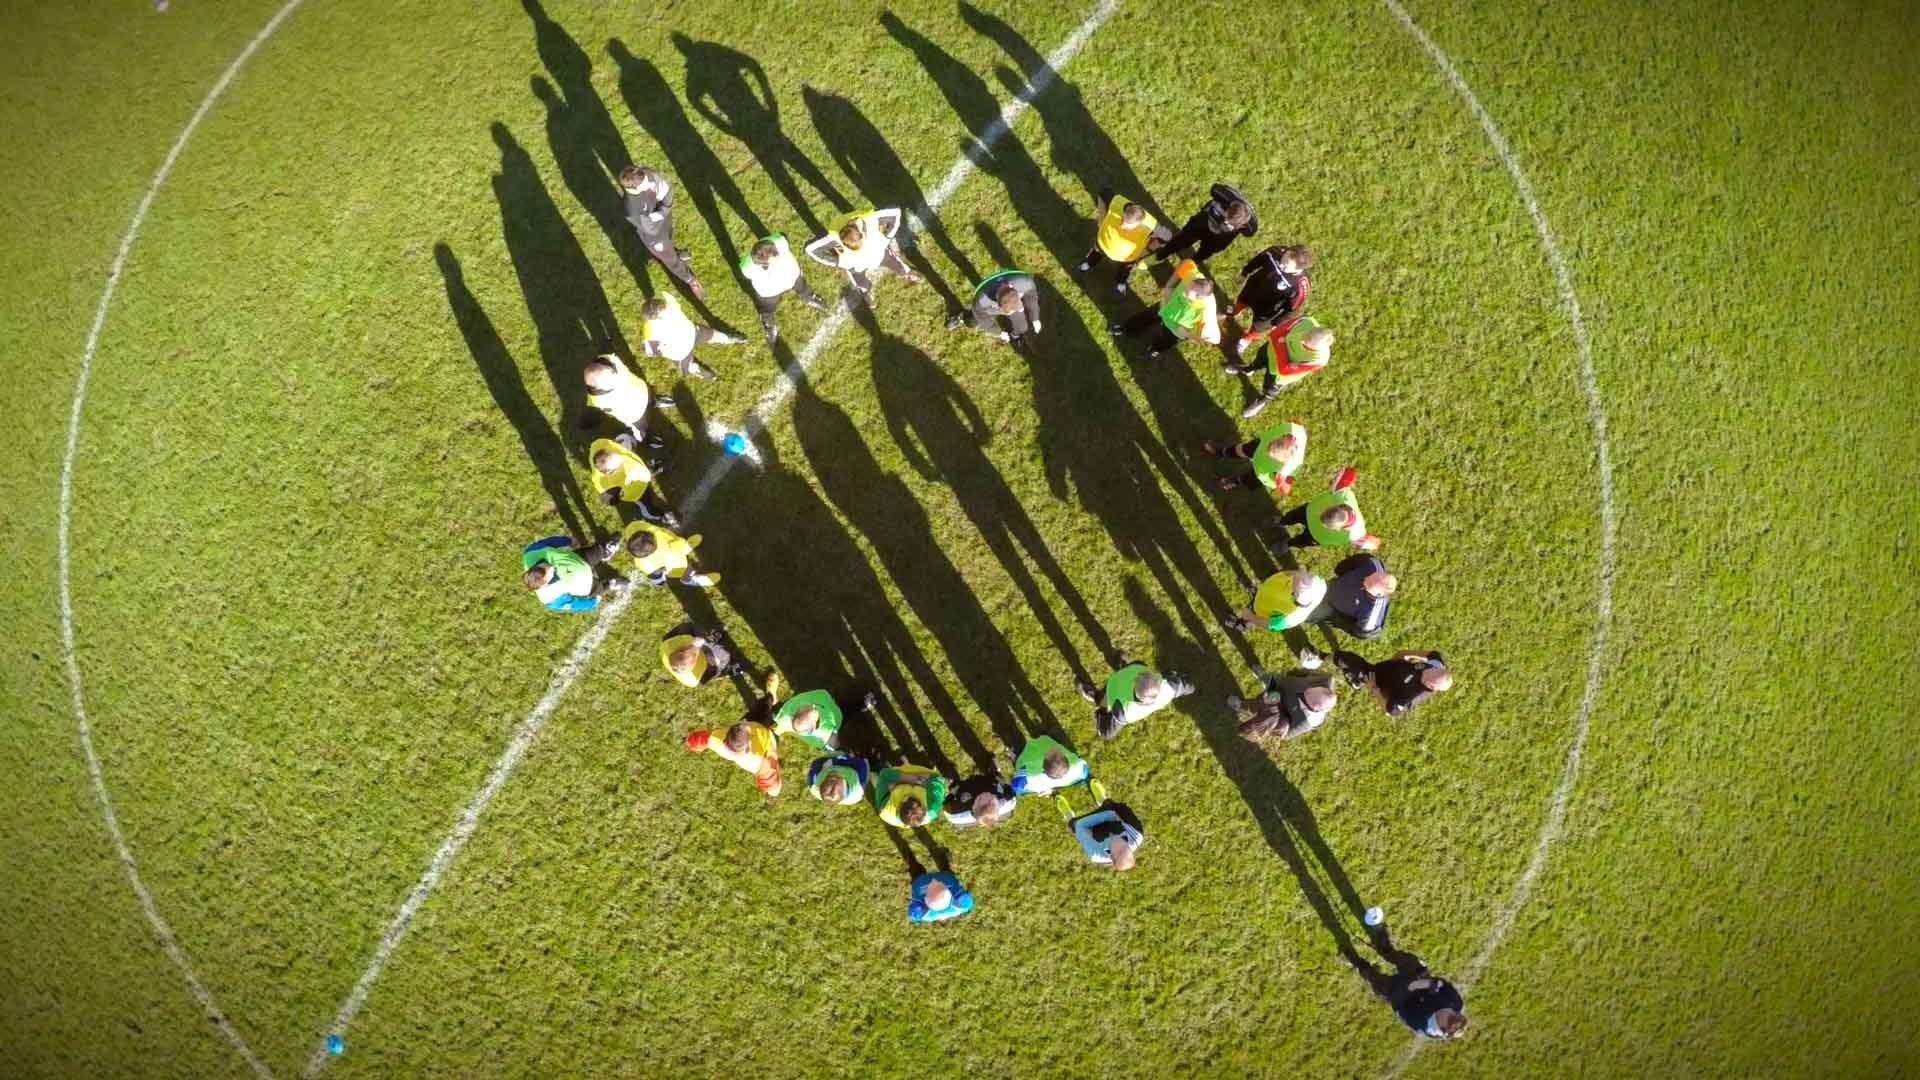 Einleitung | Fussballtaktik: Pressing richtig trainieren